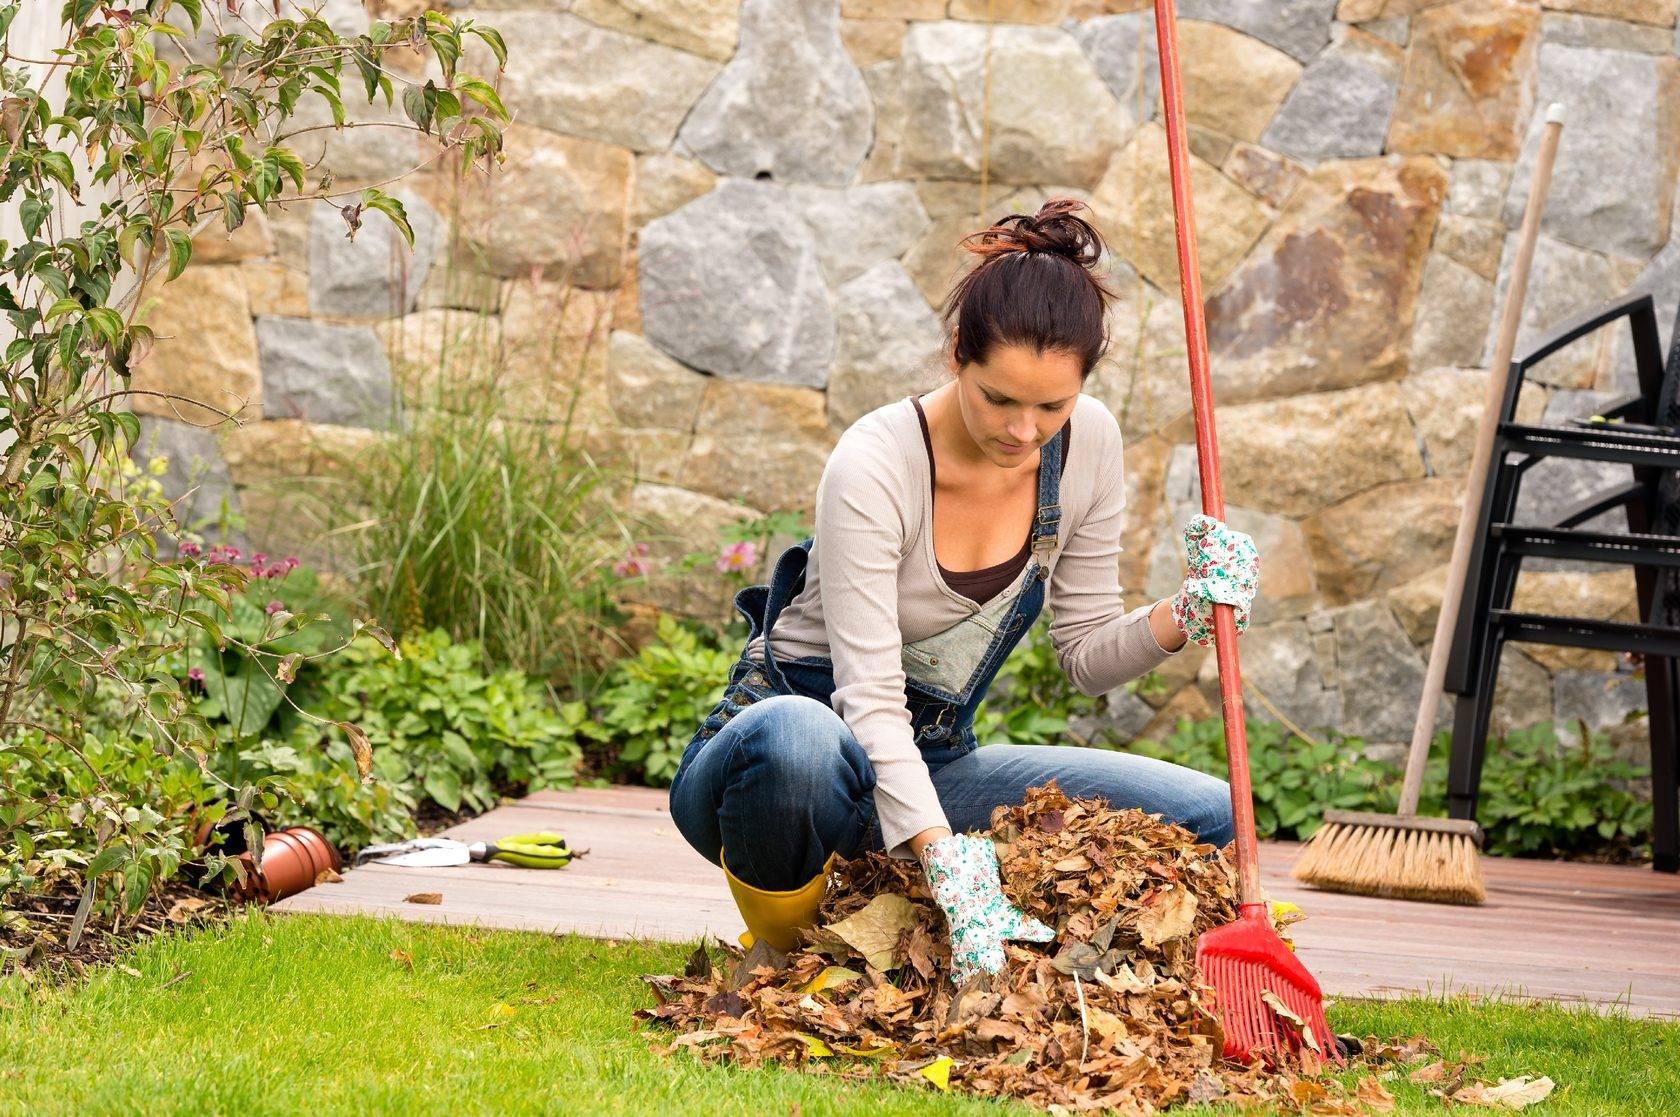 Почему болит спина на даче? как правильно работать в огороде, чтобы не навредить позвоночнику